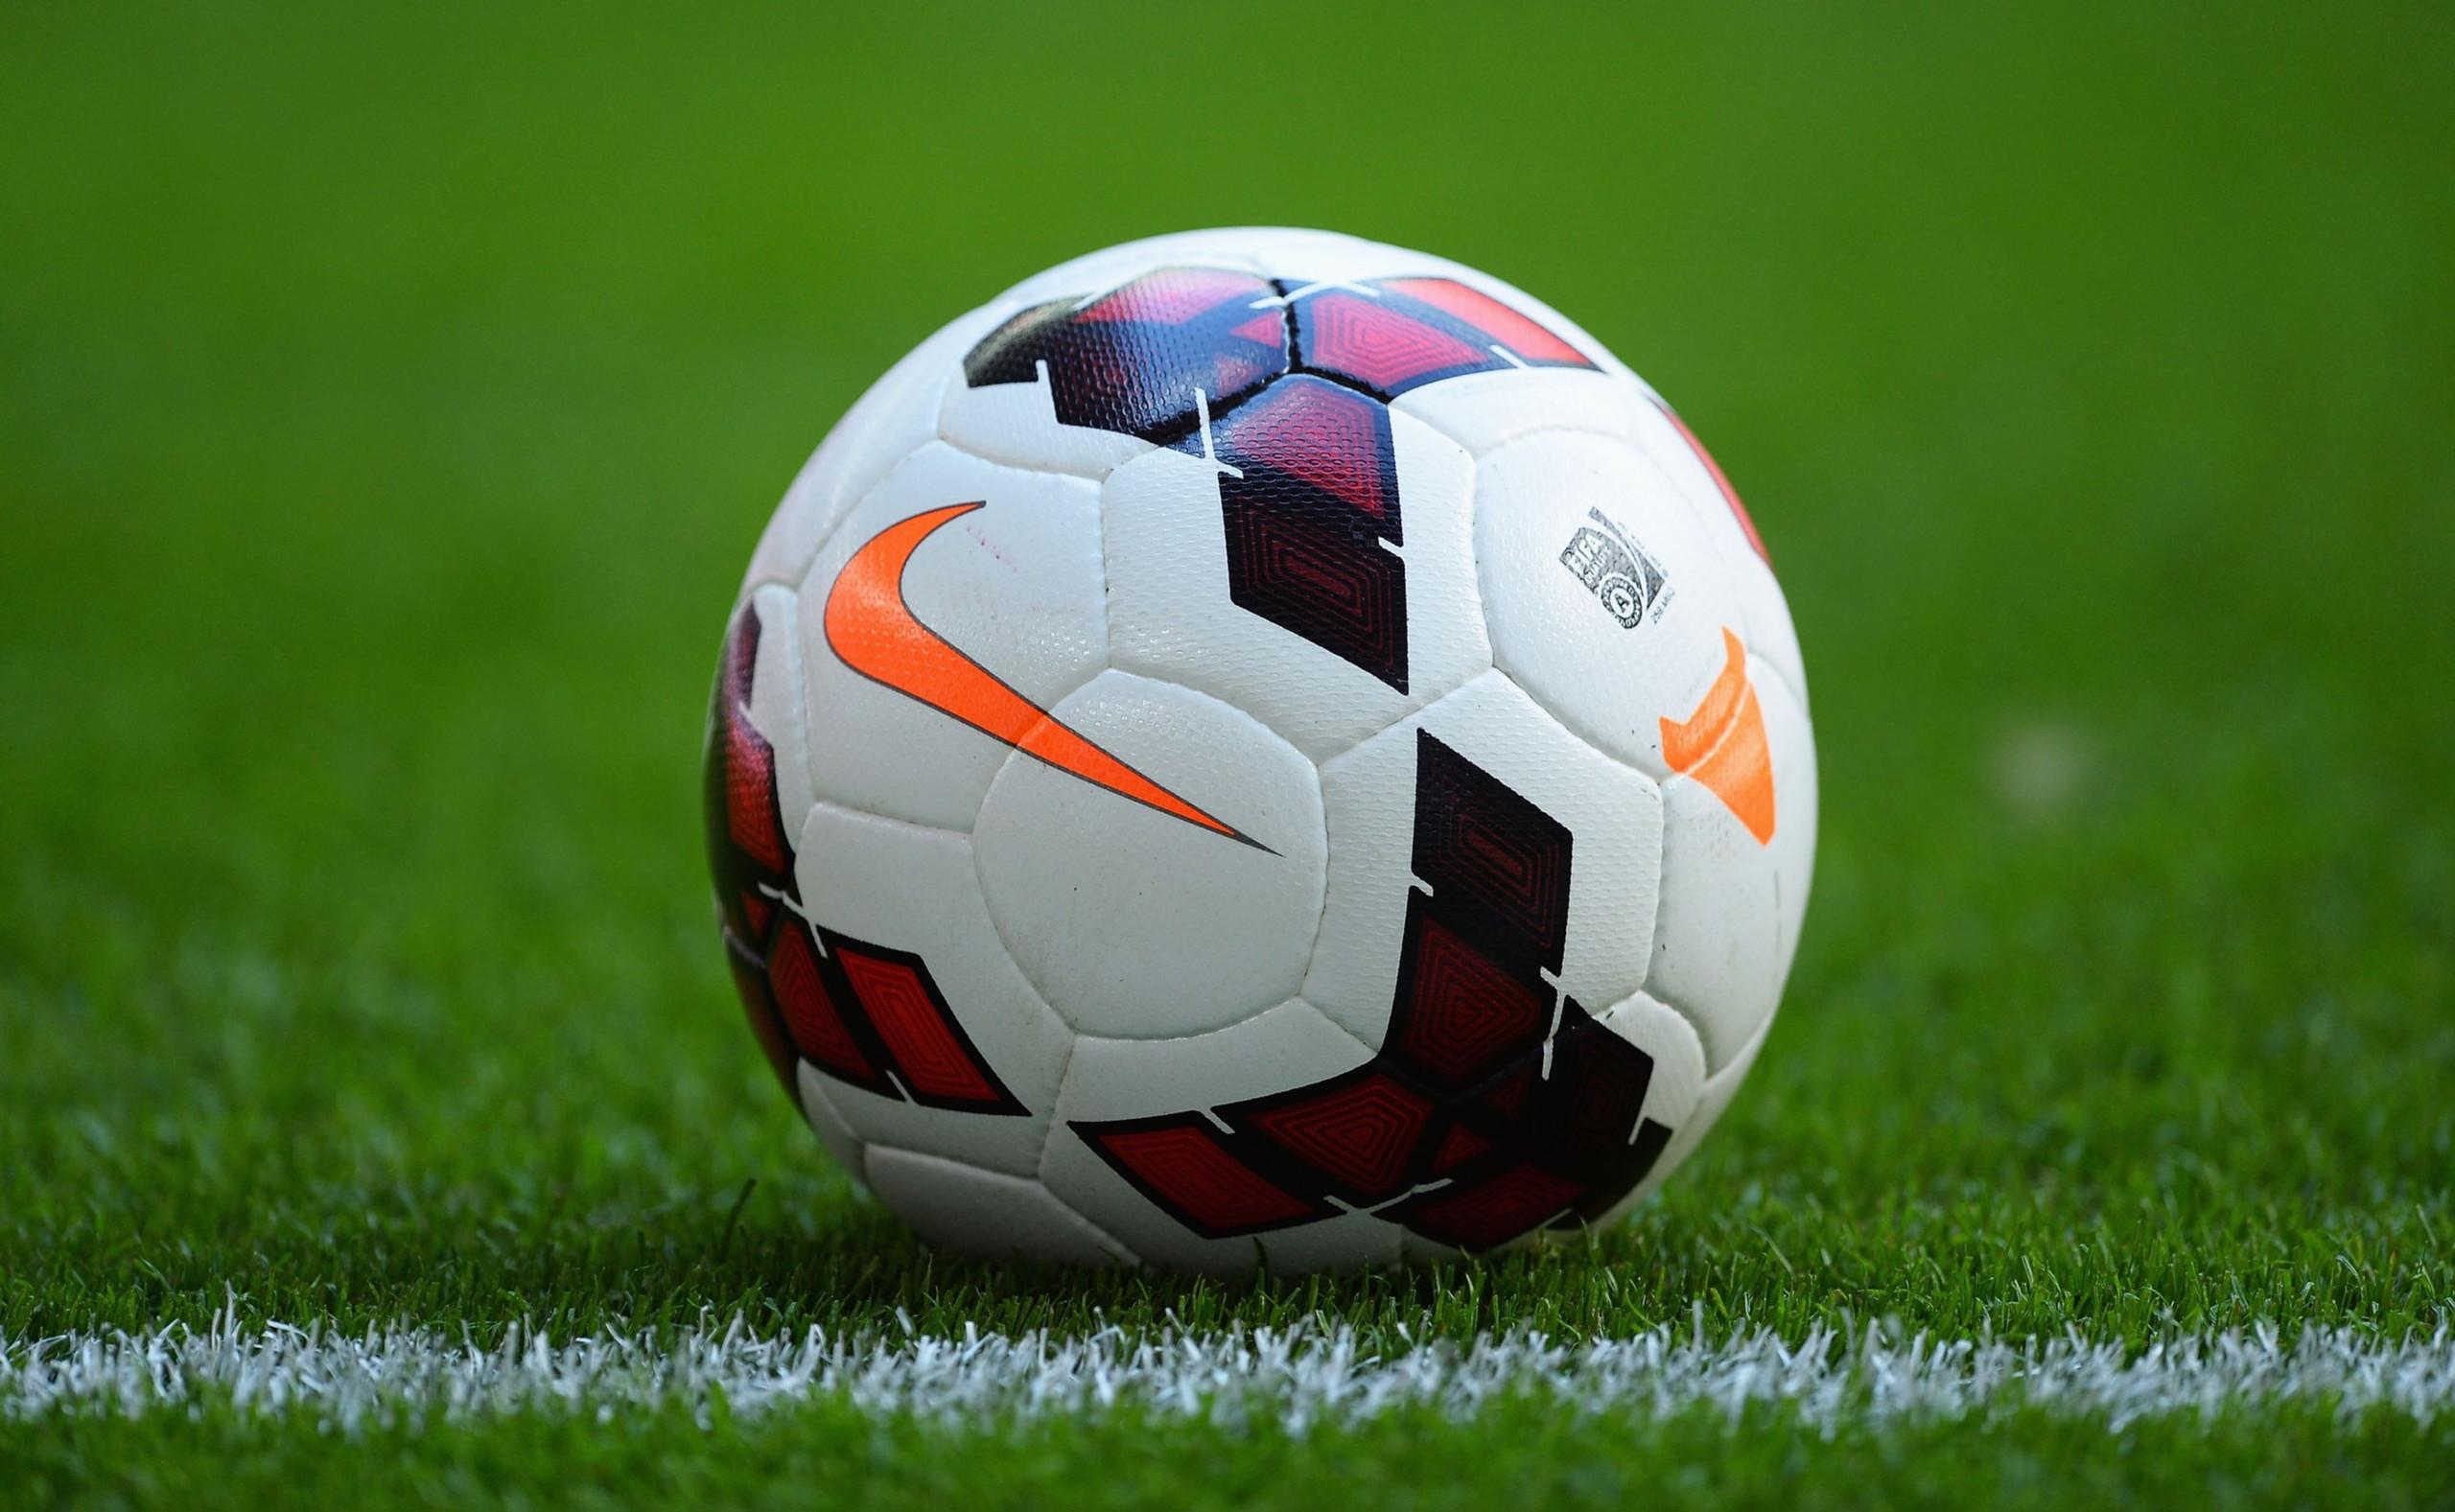 Ai yêu bóng đá mà chẳng thích sưu tầm những hình ảnh về bóng đá, về các cầu thủ, thủ môn nổi tiếng, hay những khoảnh khắc đẹp được ghi lại trong ...